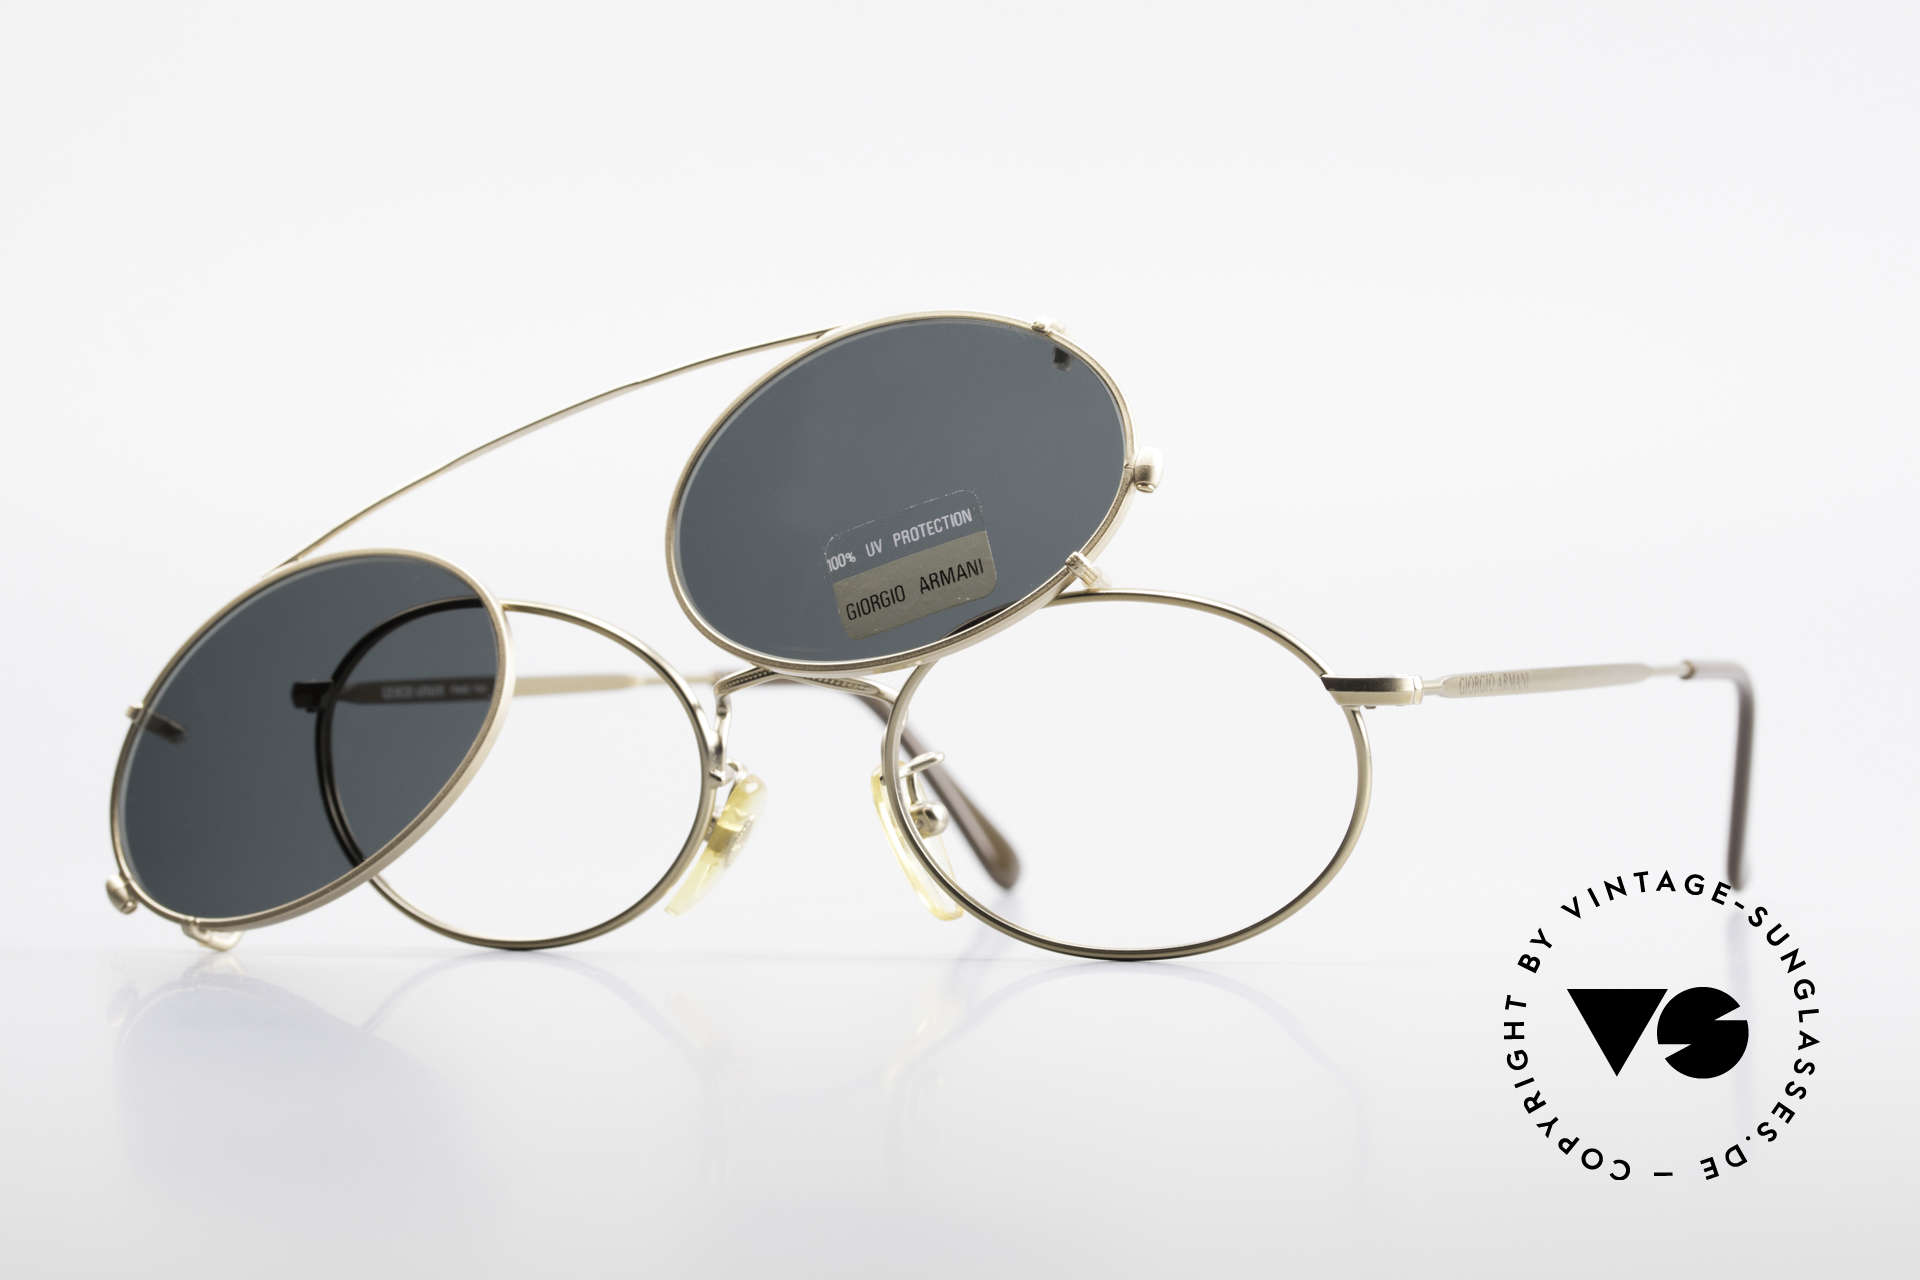 5b83fdf90e9f Sunglasses Giorgio Armani 131 Eyeglass-Frame With Sun Clip